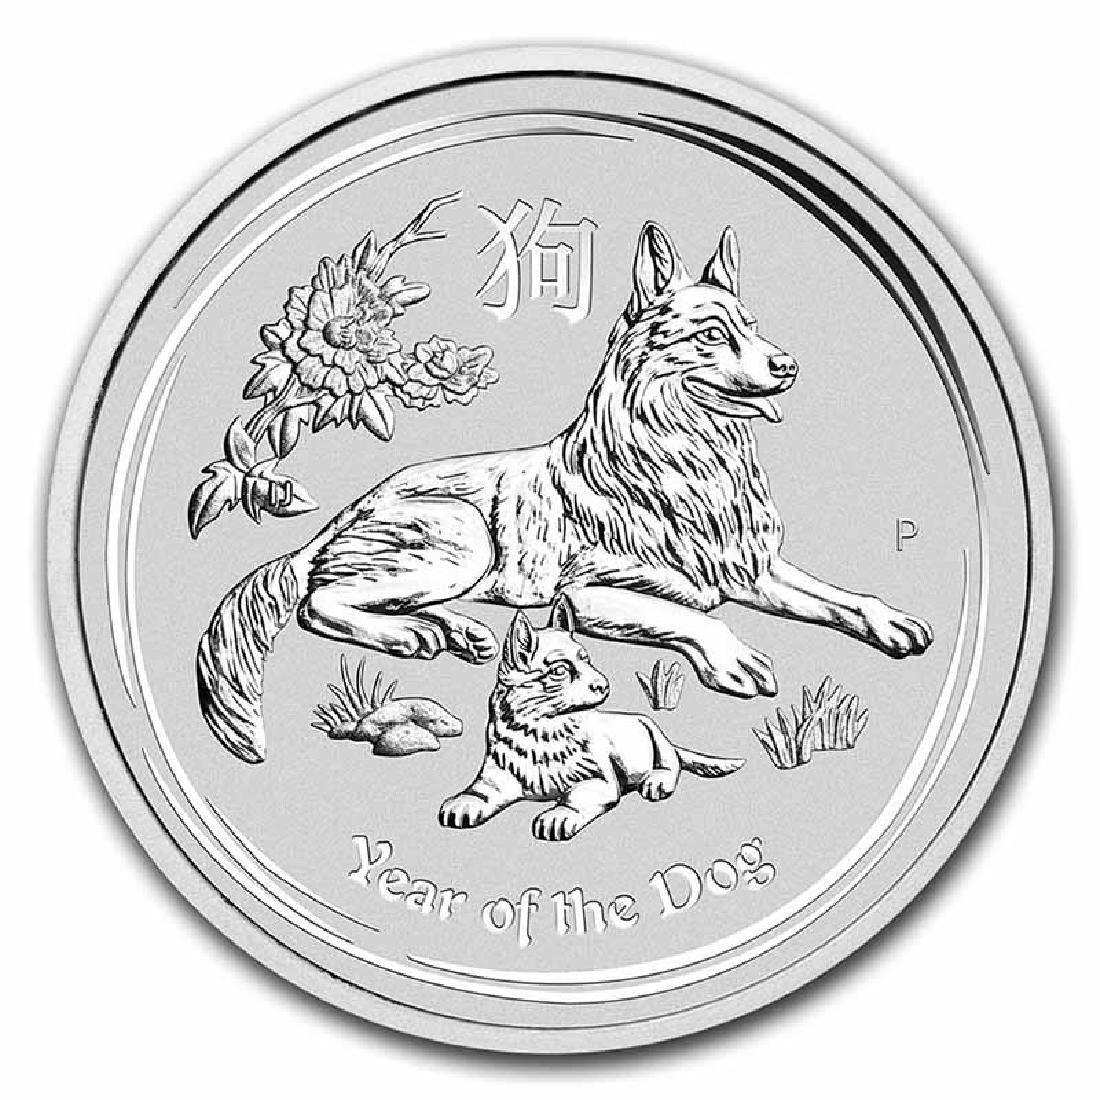 2018 Australia 10 oz Silver Lunar Dog